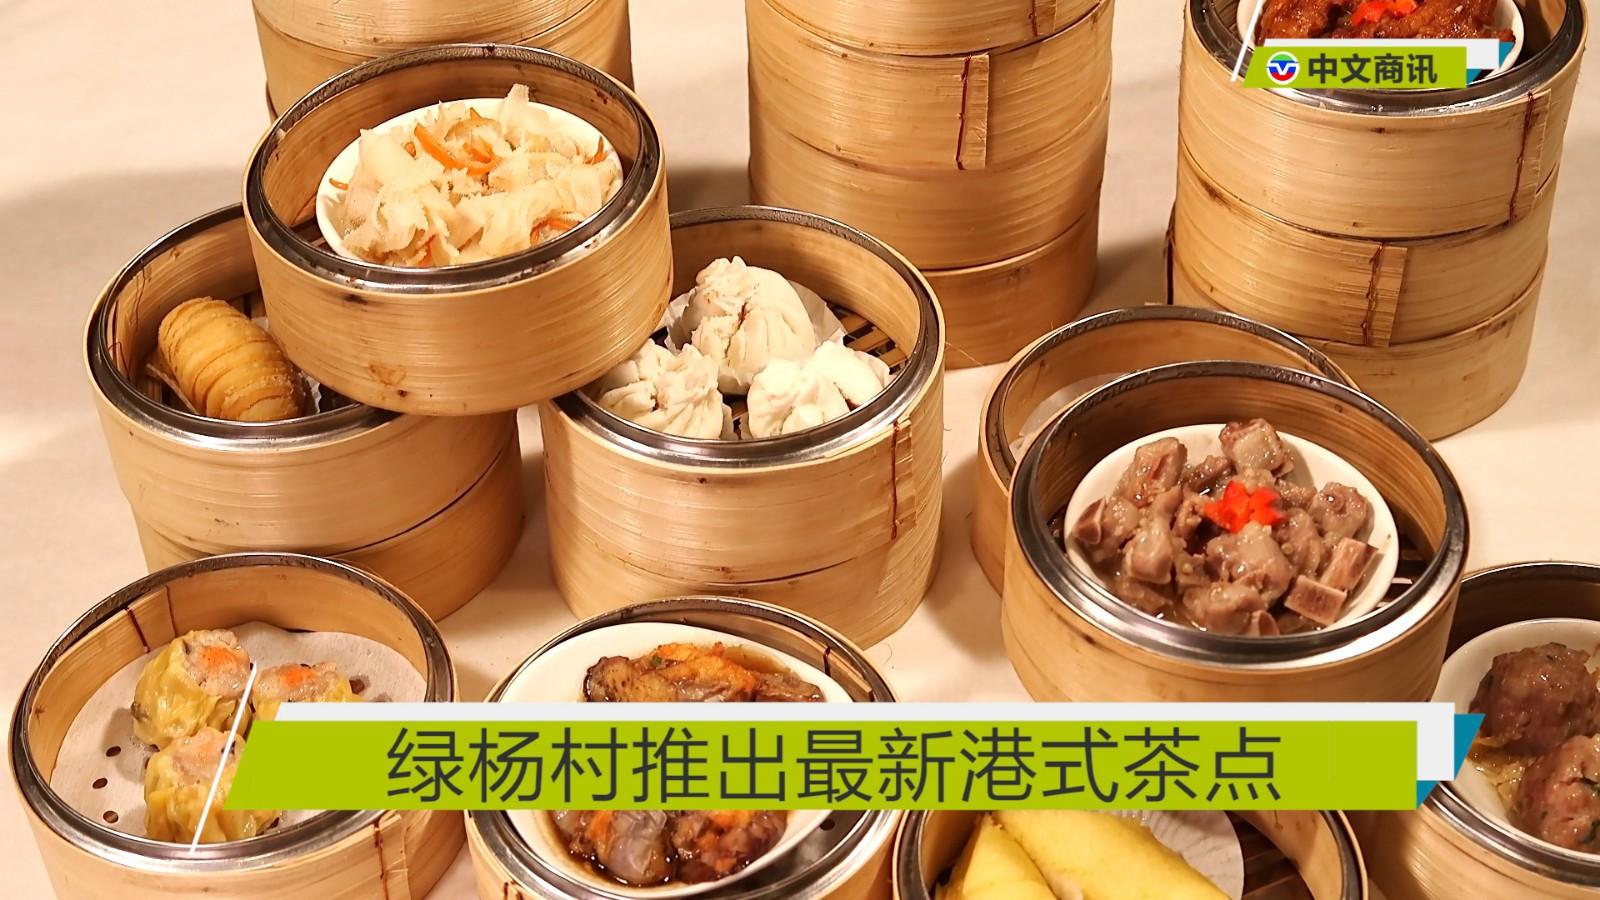 【视频】 绿杨村推出最新港式茶点